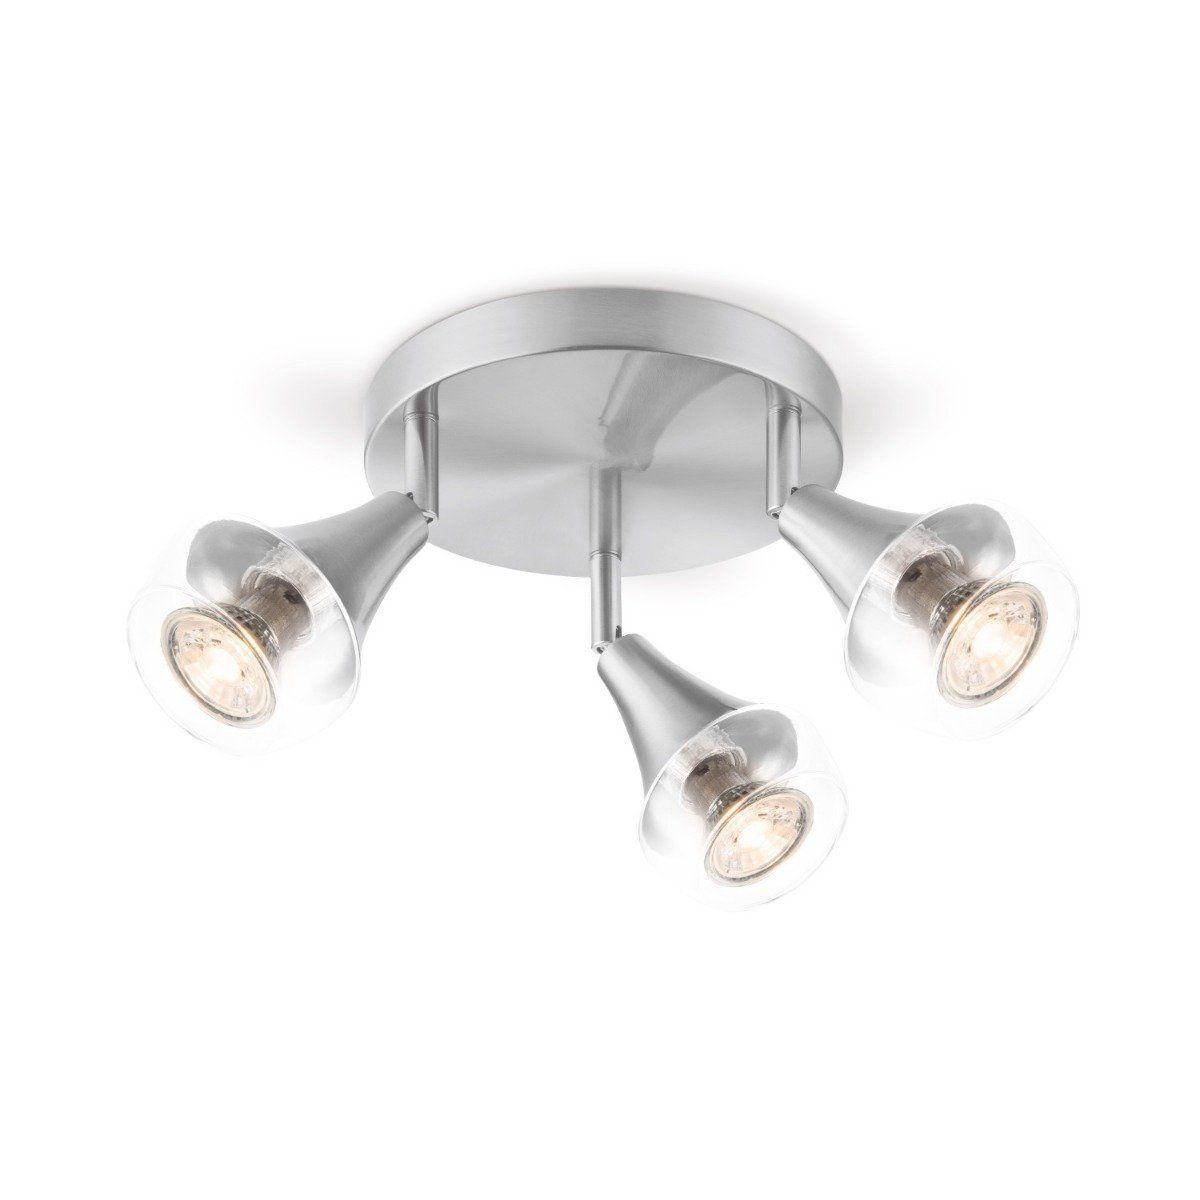 Home sweet home LED opbouwspot Vaya 3 lichts Ø 19 cm - mat staal